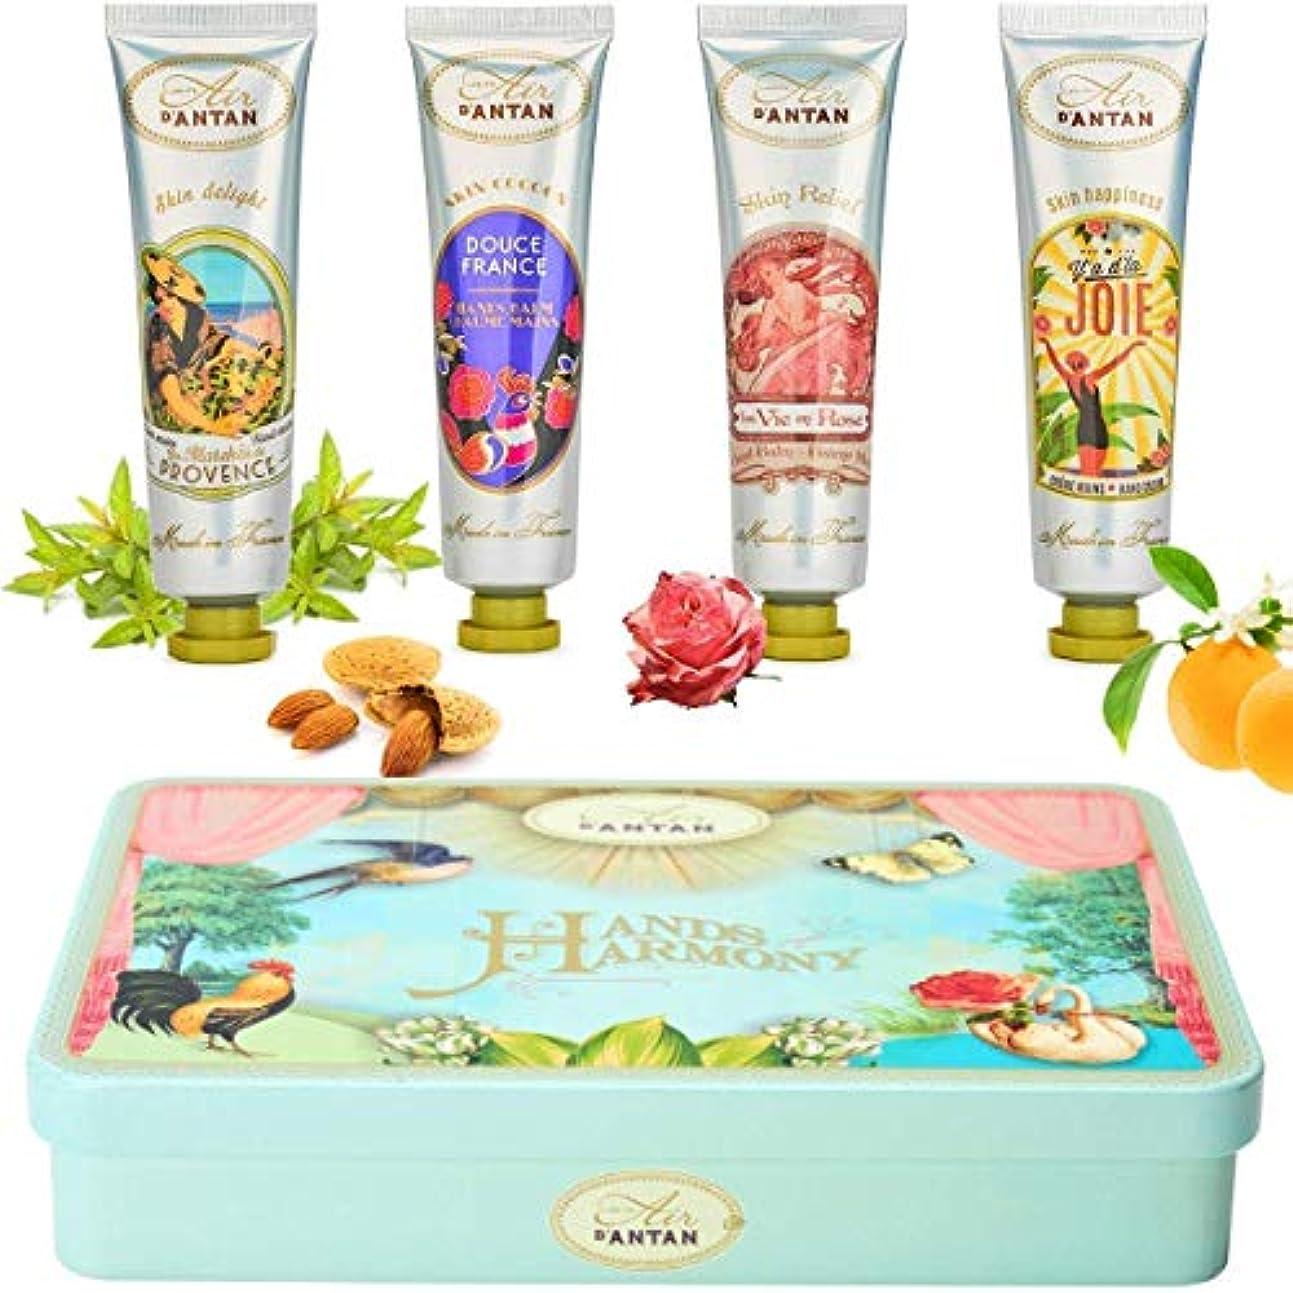 チューリップ失寮Un Air d'Antan ボックス4ソフトハンドクリーム、ヴァーベナ、 アーモンド、オレンジの花、バラの香り、フランス製 GIFT From PARIS with Amour